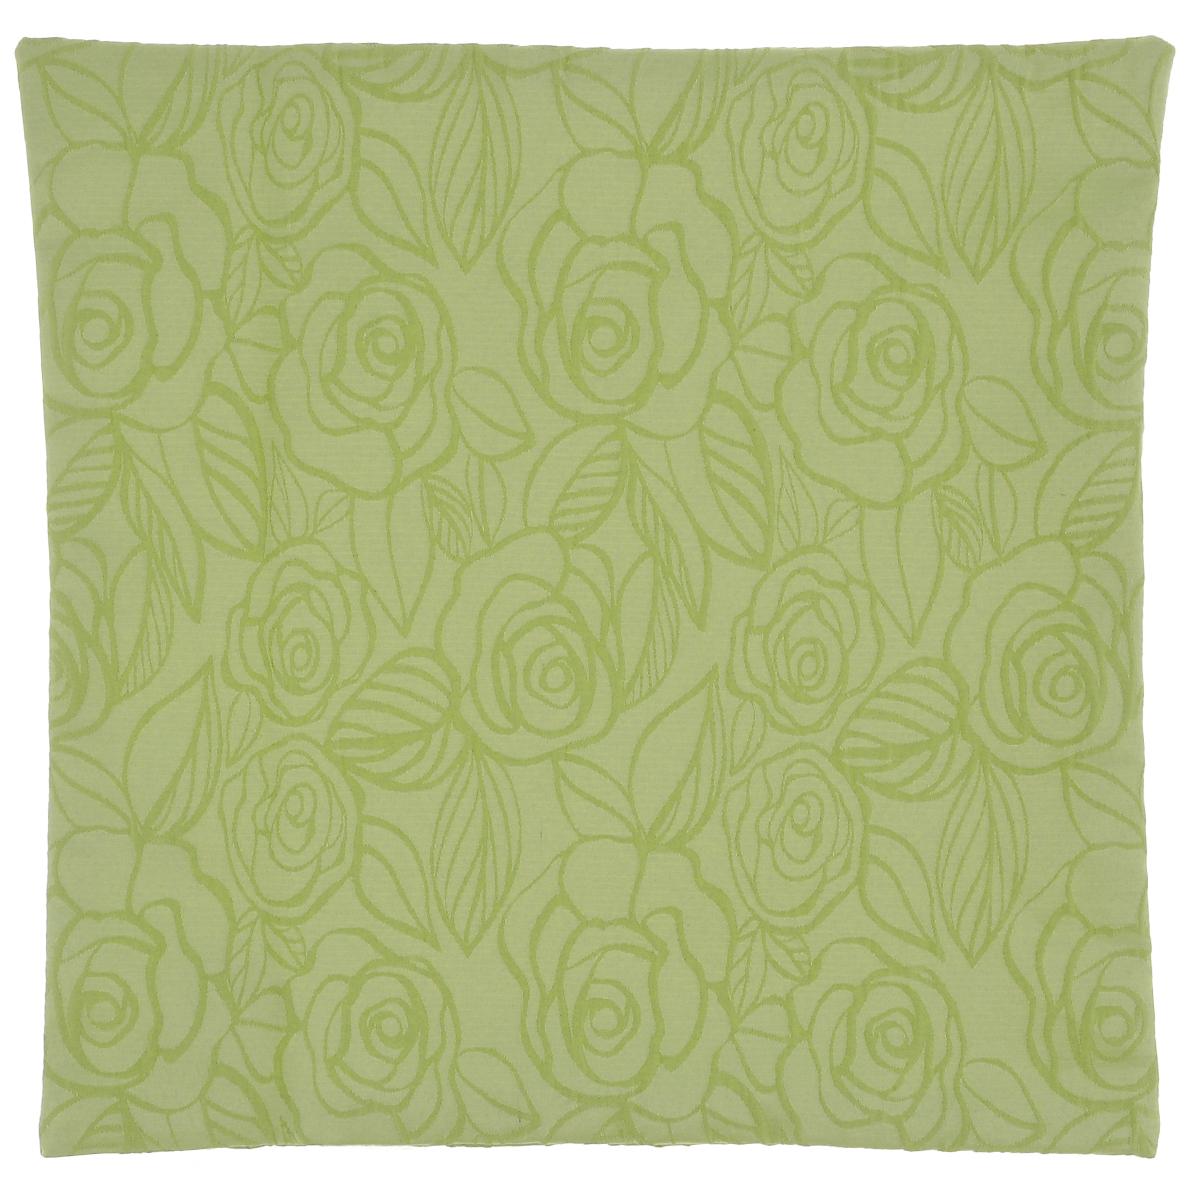 Наволочка декоративная Schaefer, цвет: светло-зеленый, 40 х 40 см07548-501Наволочка Schaefer выполнена из полиэстера и украшена цветочным узором. Наволочка застегивается на потайную застежку-молнию.Изделия из полиэстера легко стирать: они не мнутся, не садятся и быстро сохнут, они более долговечны, чем изделия из натуральных волокон.Это текстильное изделие станет удобным и комфортным украшением вашего дома!